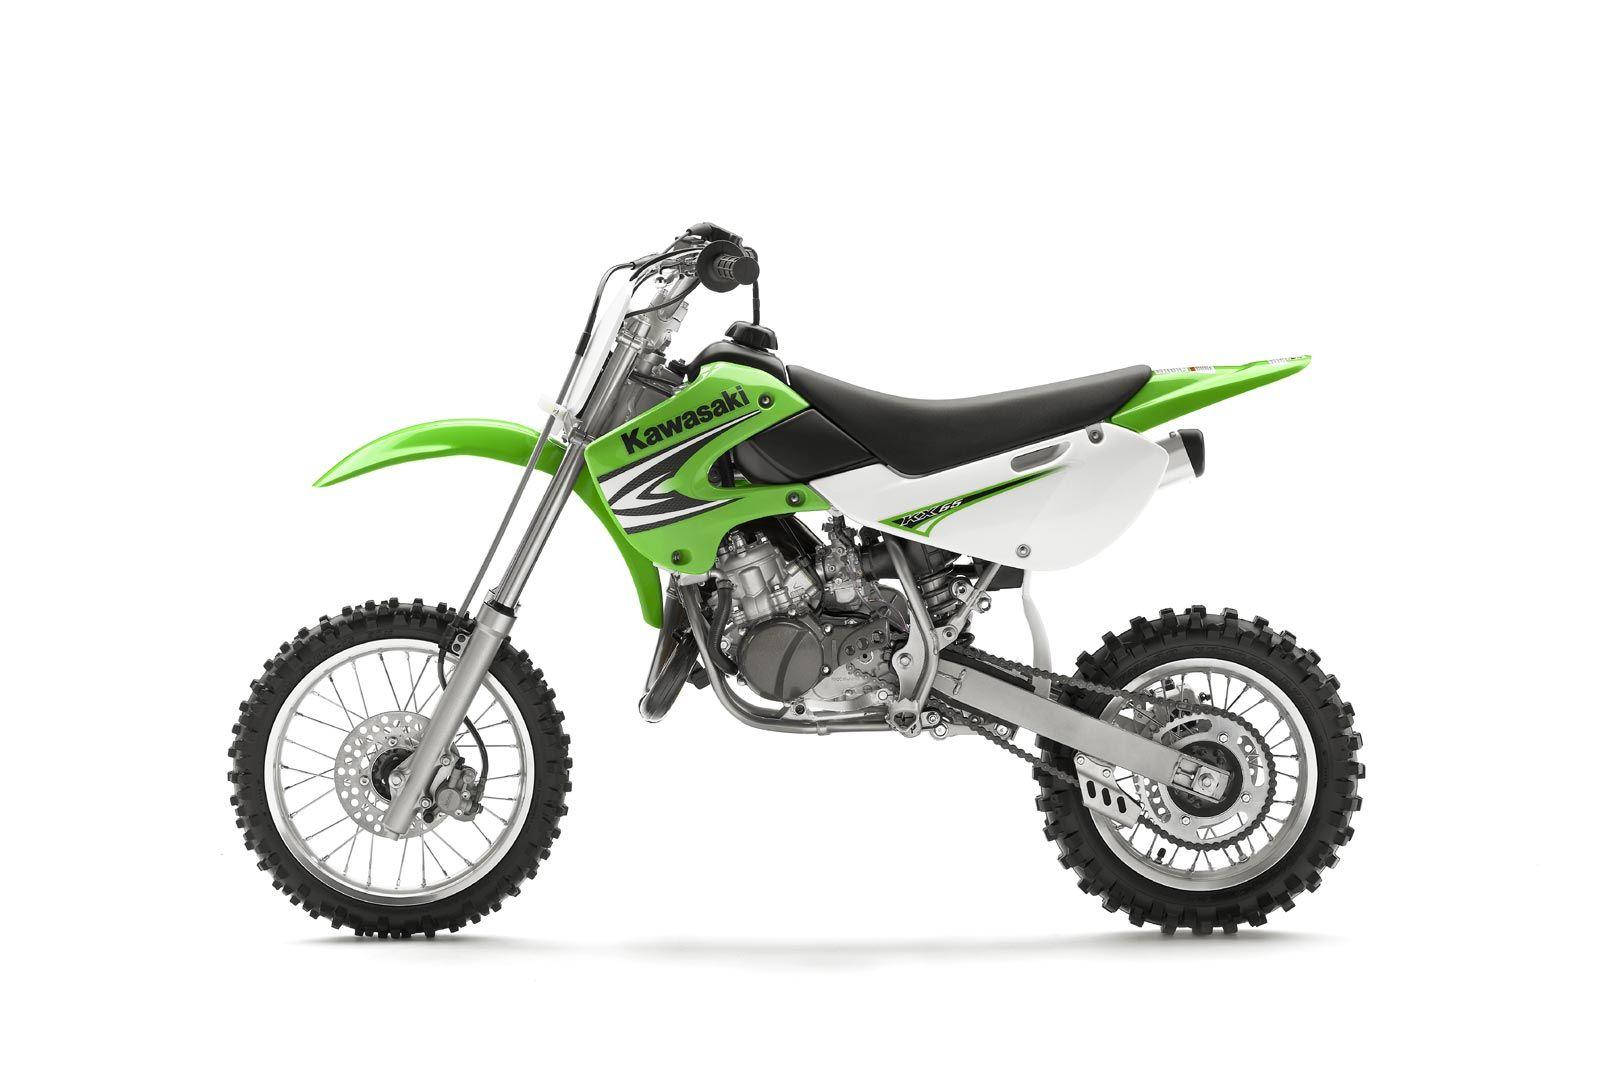 Kawasaki Kx 65 Pics 150543 Kawasaki Motorcycle Usa Motorcycle